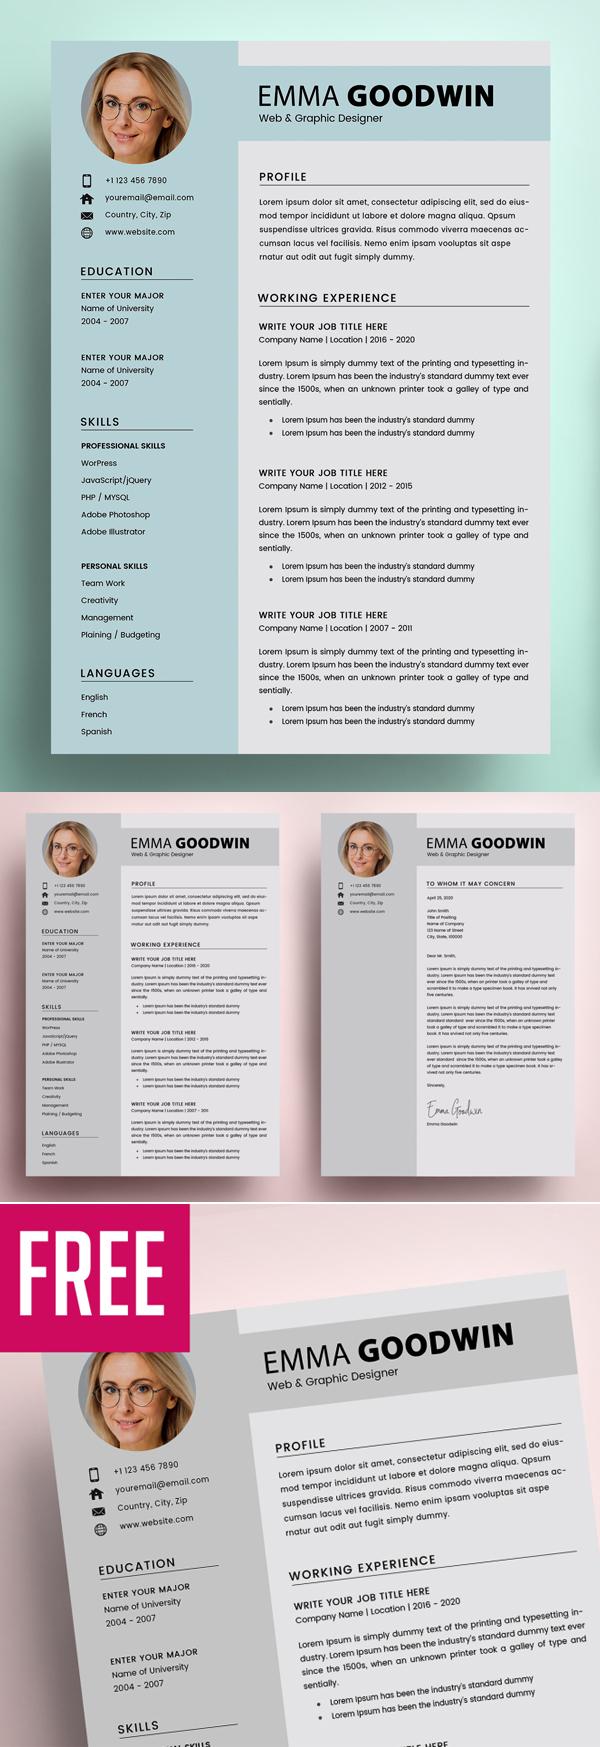 Resume + Cover Letter in 2020 Cover letter for resume